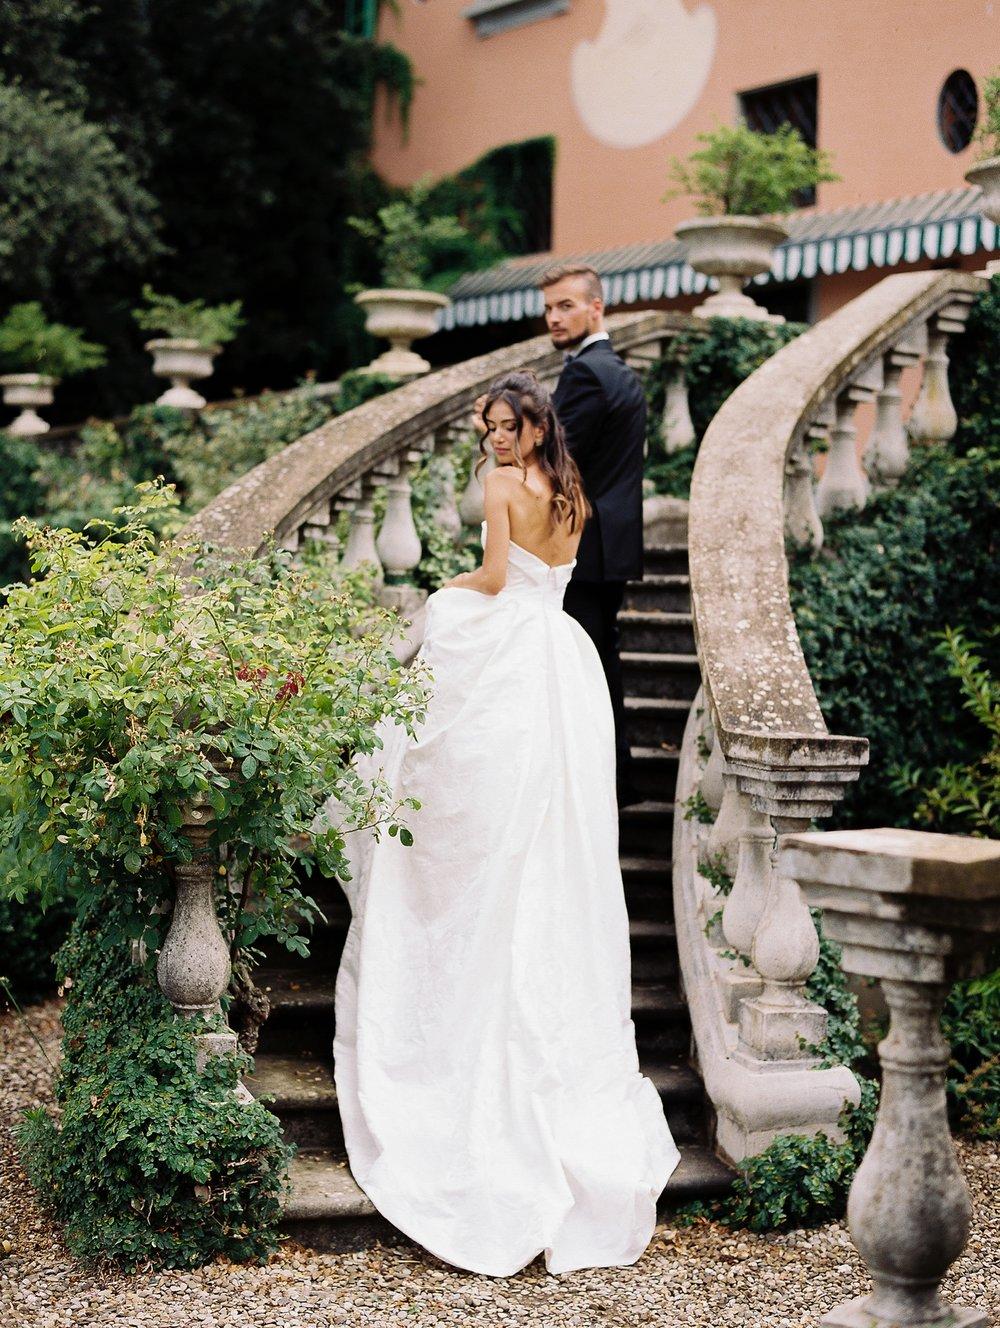 Il Borro Tuscany Italy Wedding Photographer_0854.jpg